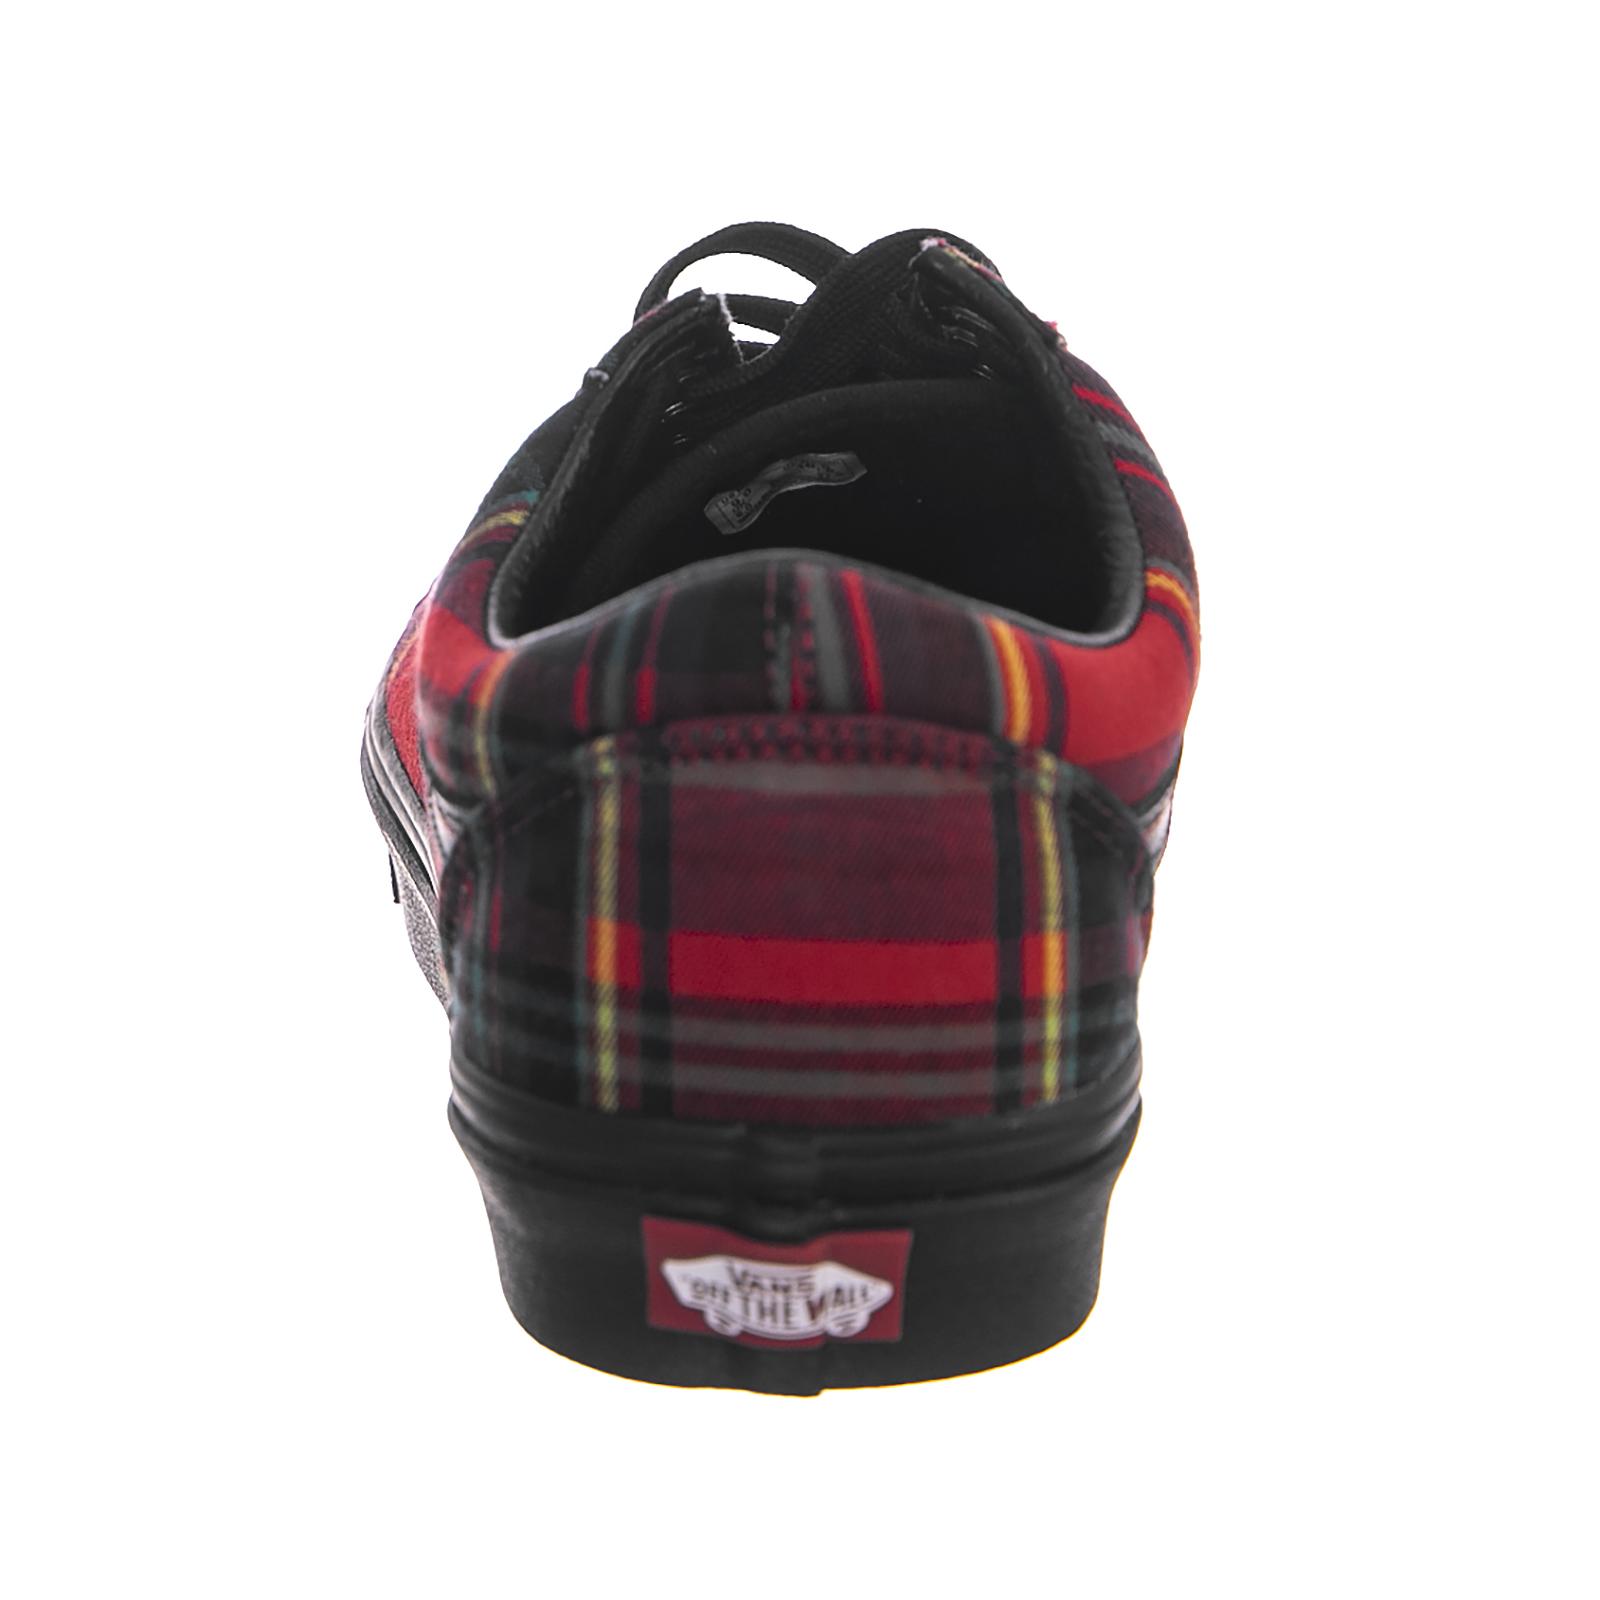 dca7f698b9 Vans Sneakers Ua Old Skool (Plaid Mix) Red Black Red